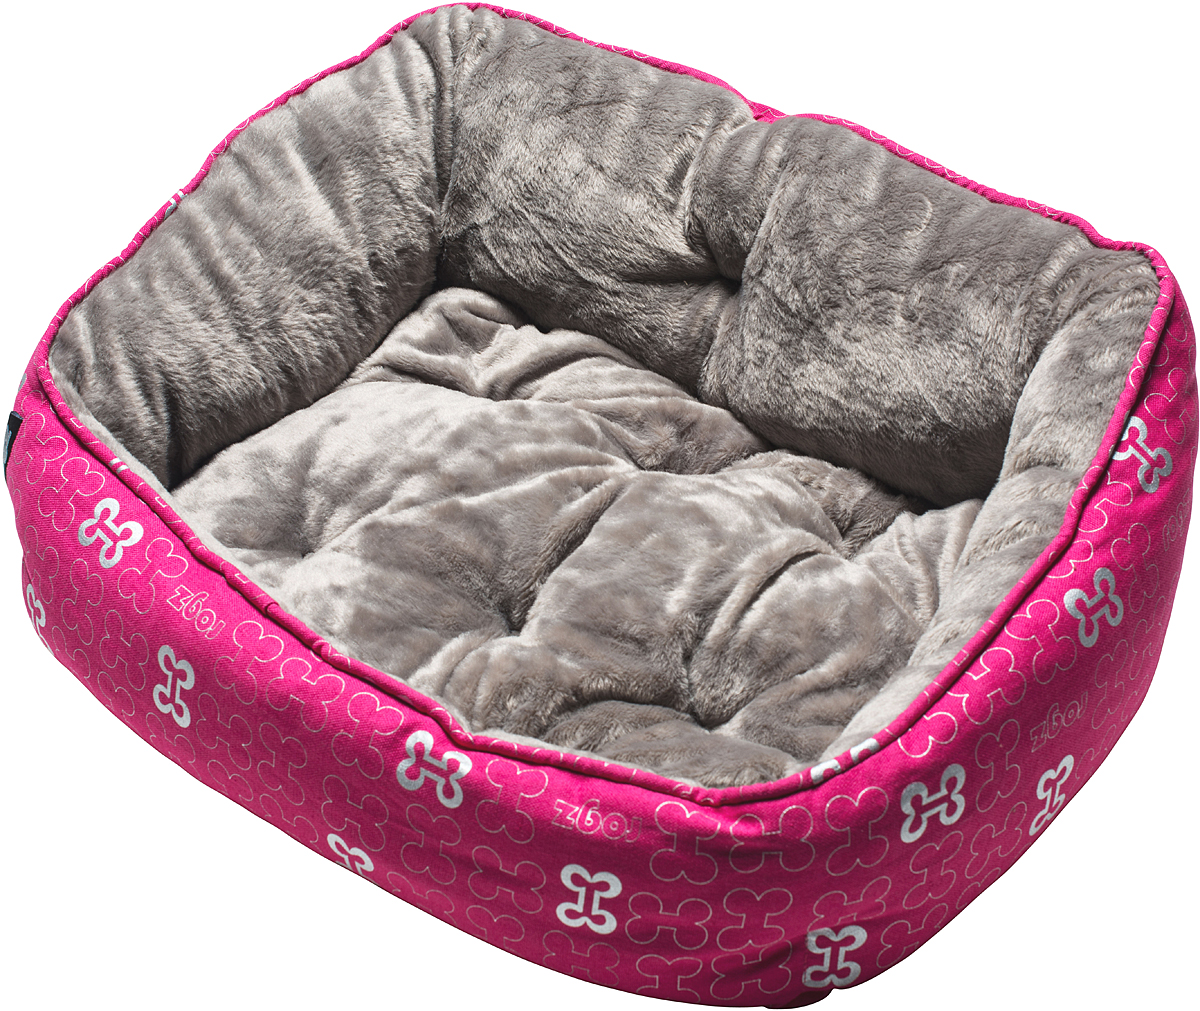 Лежак для собак Rogz Trendy Podz, цвет: розовый, 29 х 56 х 43 смRPM05Очень мягкий и комфортный лежак для собак Rogz Trendy Podz.Флисовые бортики внутри изделия.Двусторонняя подушка.Уникальный дизайн.Подвергается стирке.